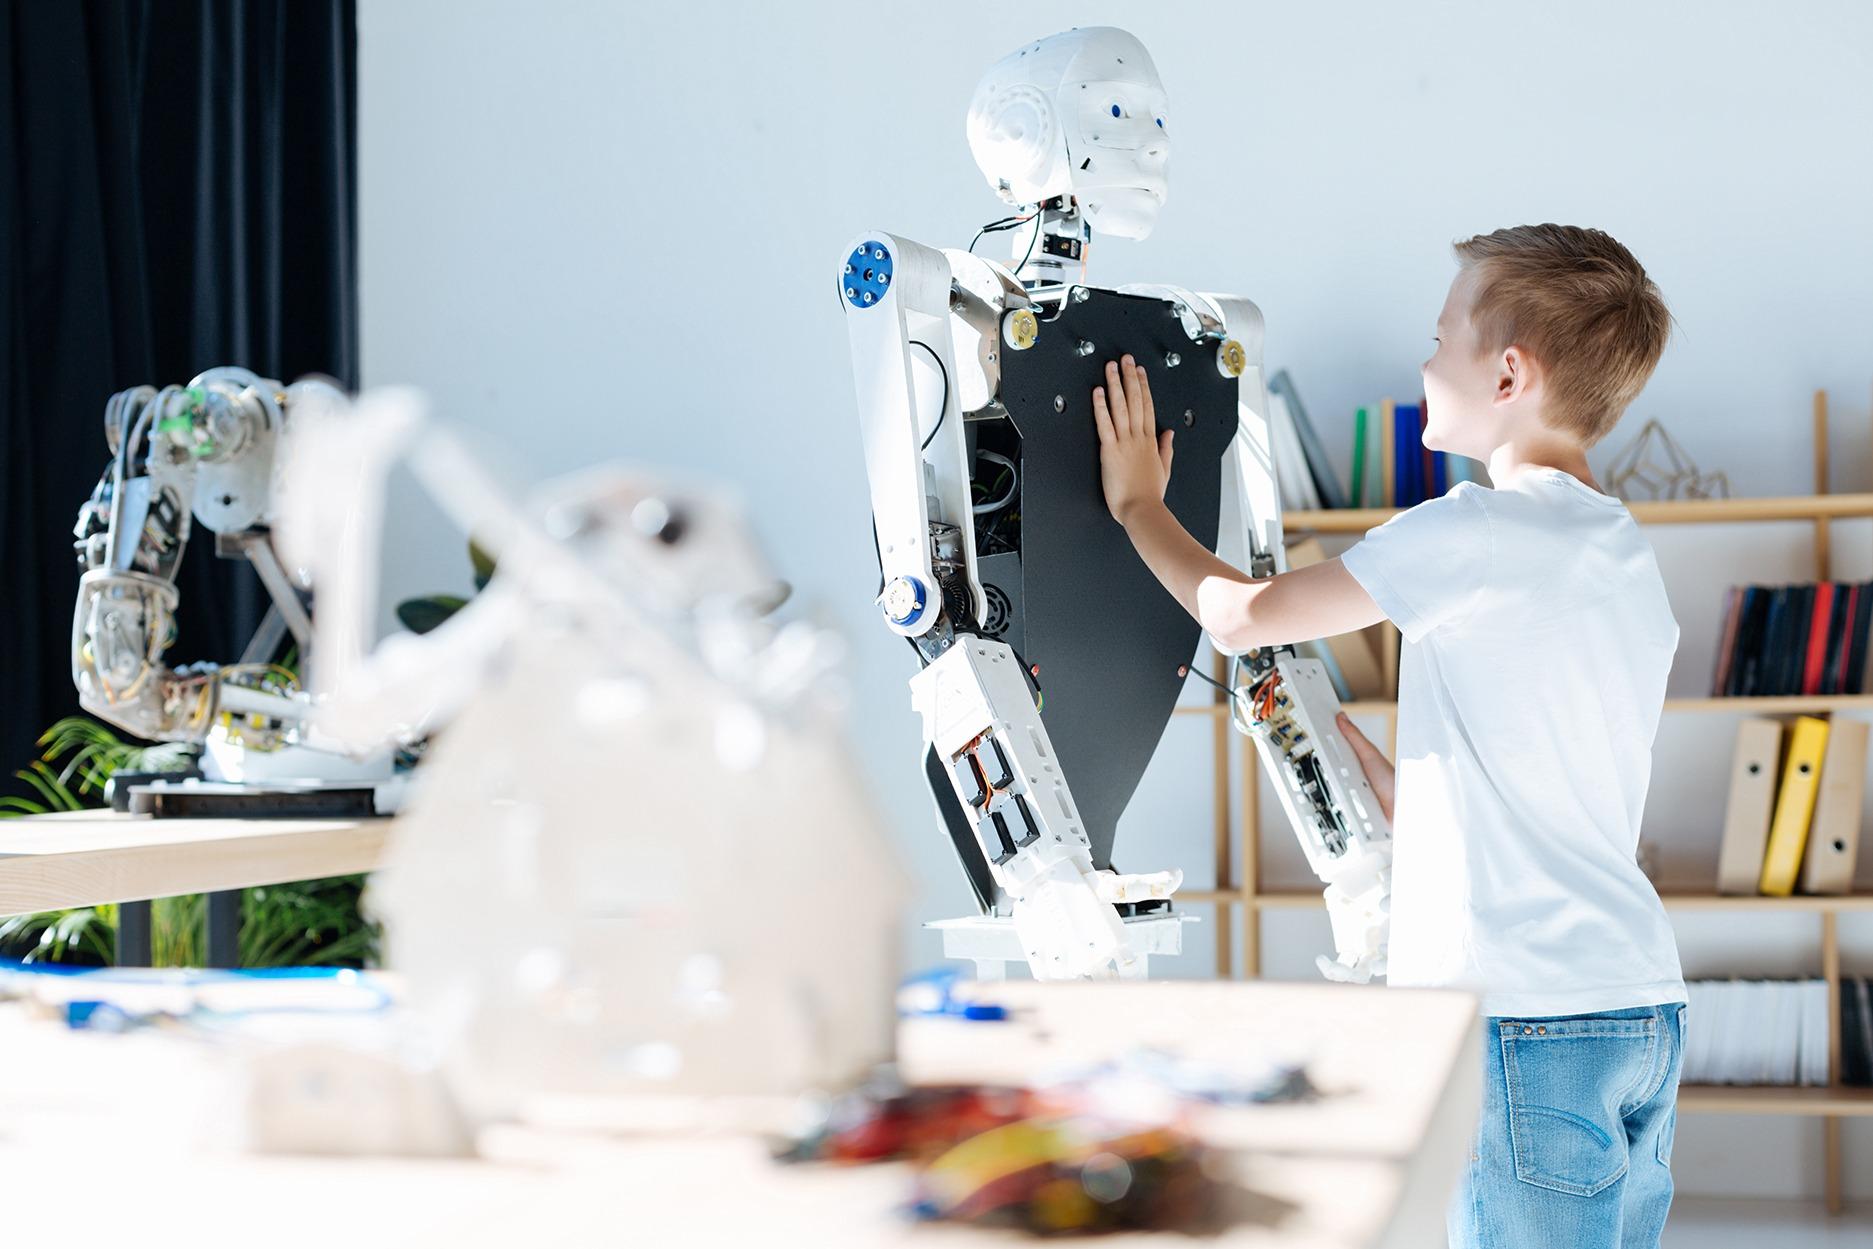 Boy touching a white robot